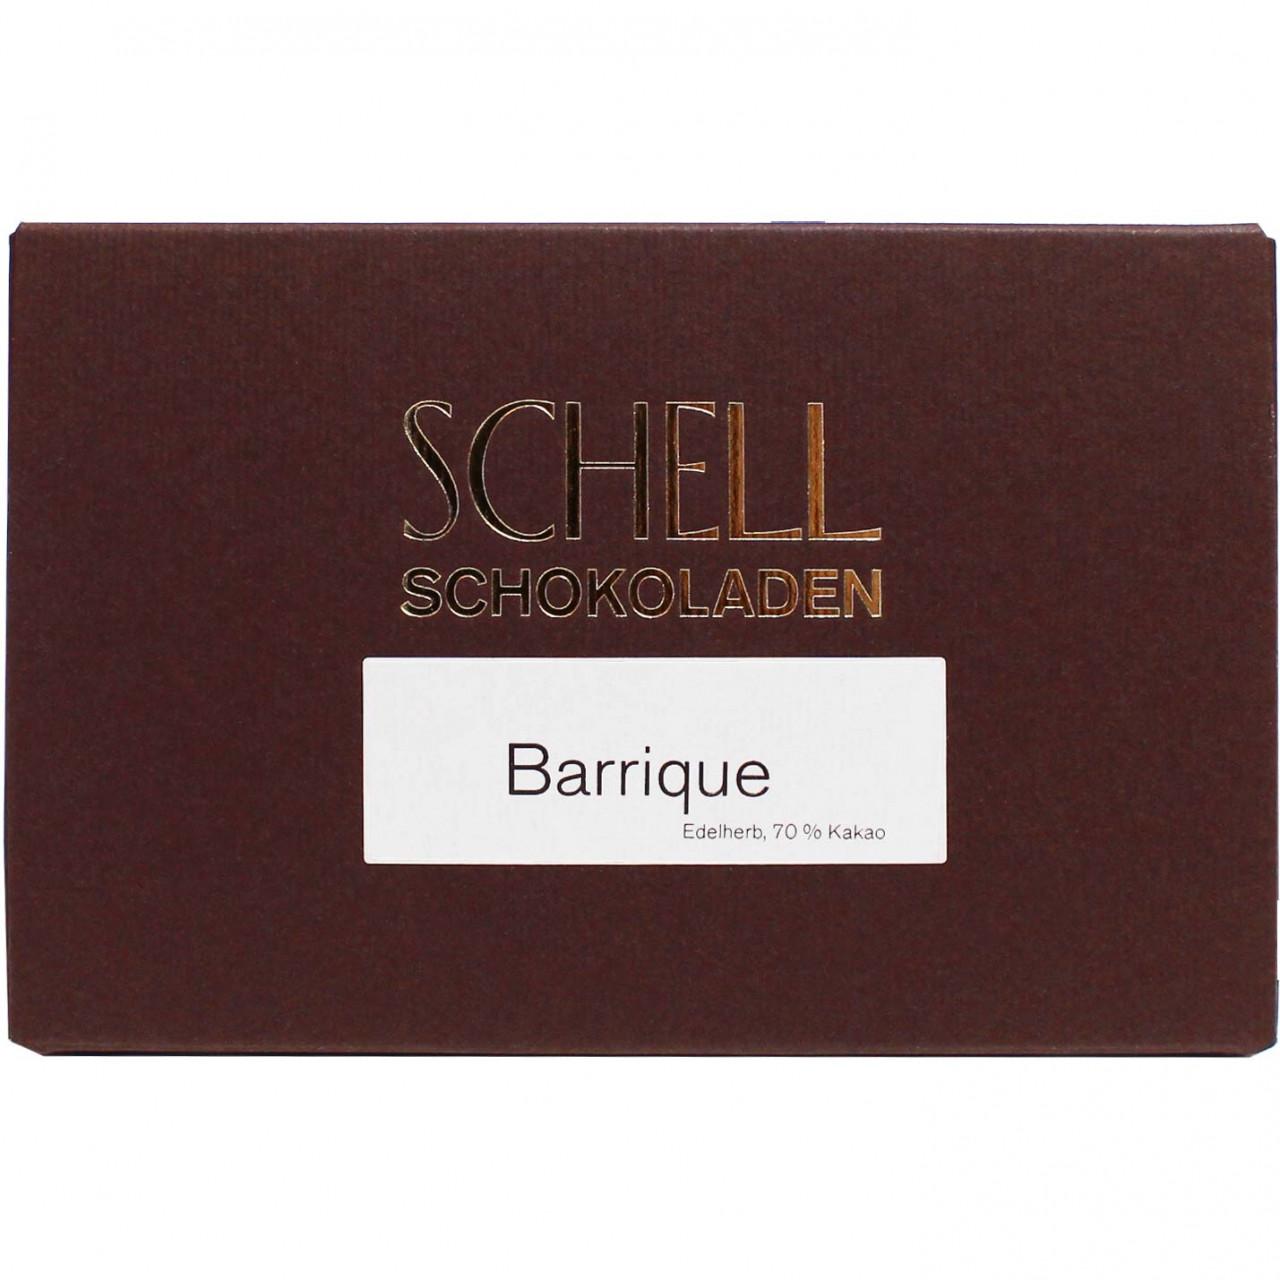 Schell Schokoladenmanufaktur Gundelsheim Schokolade zu Wein dark chocolate chocolat noir spices chilli poivre, Zartbitterschokolade - $seoKeywords- Chocolats-De-Luxe